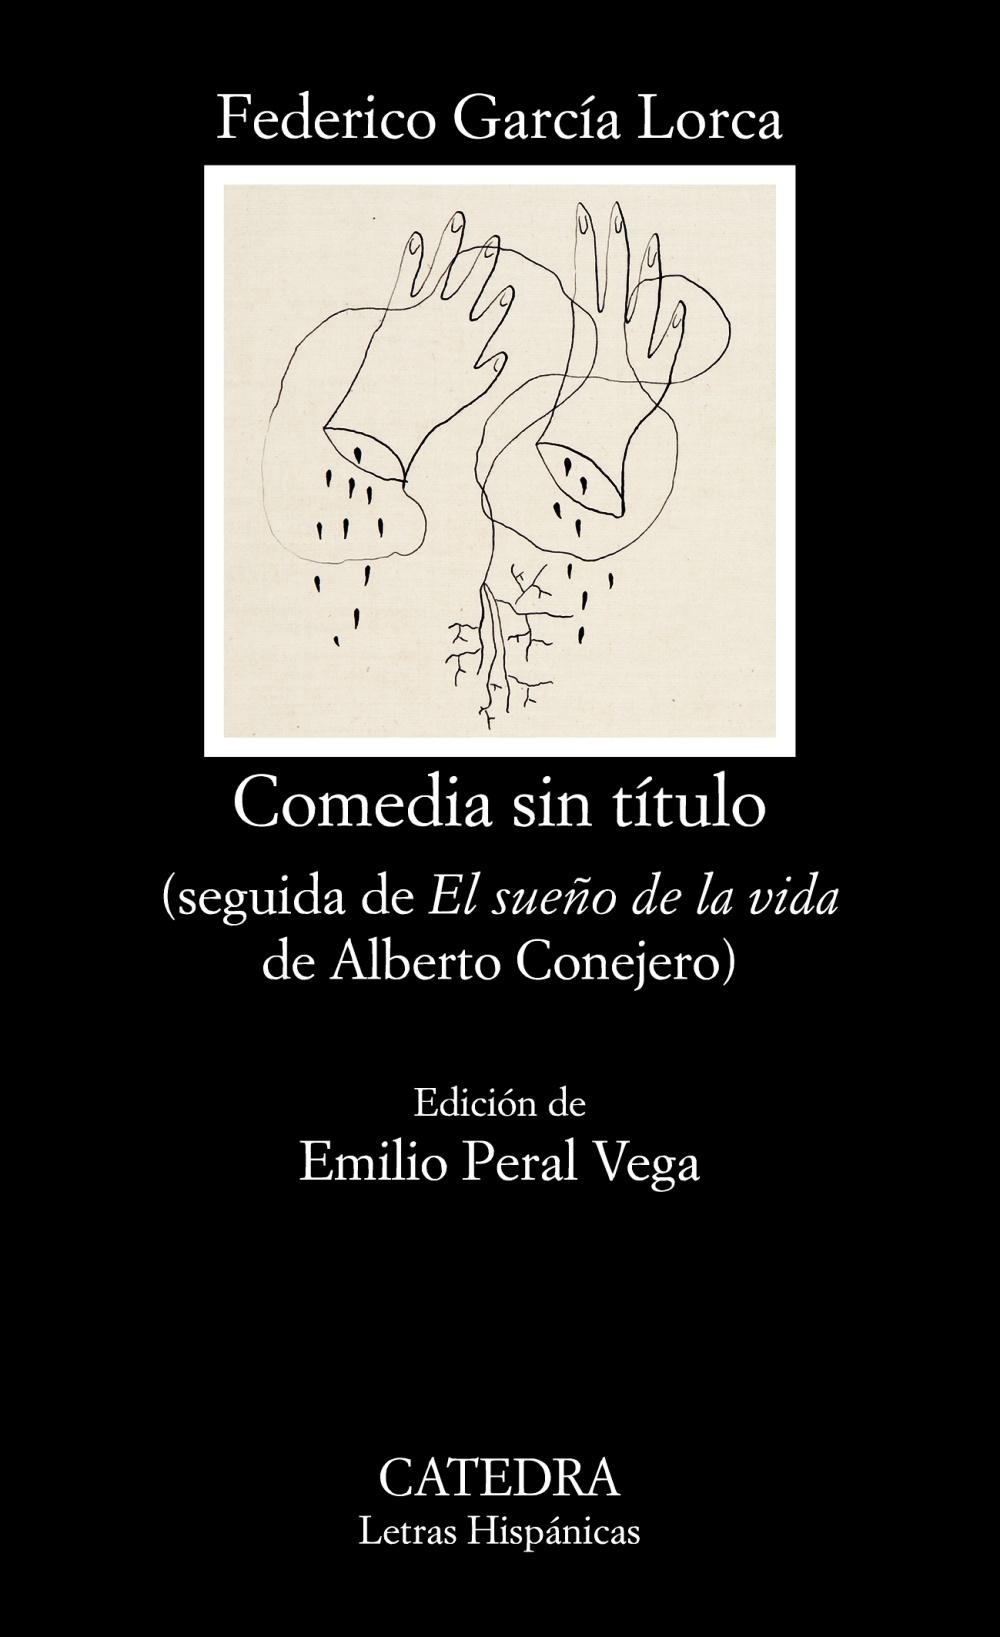 Comedia sin título (seguida de El sueño de la vida de Alberto Conejero), de Federico García Lorca